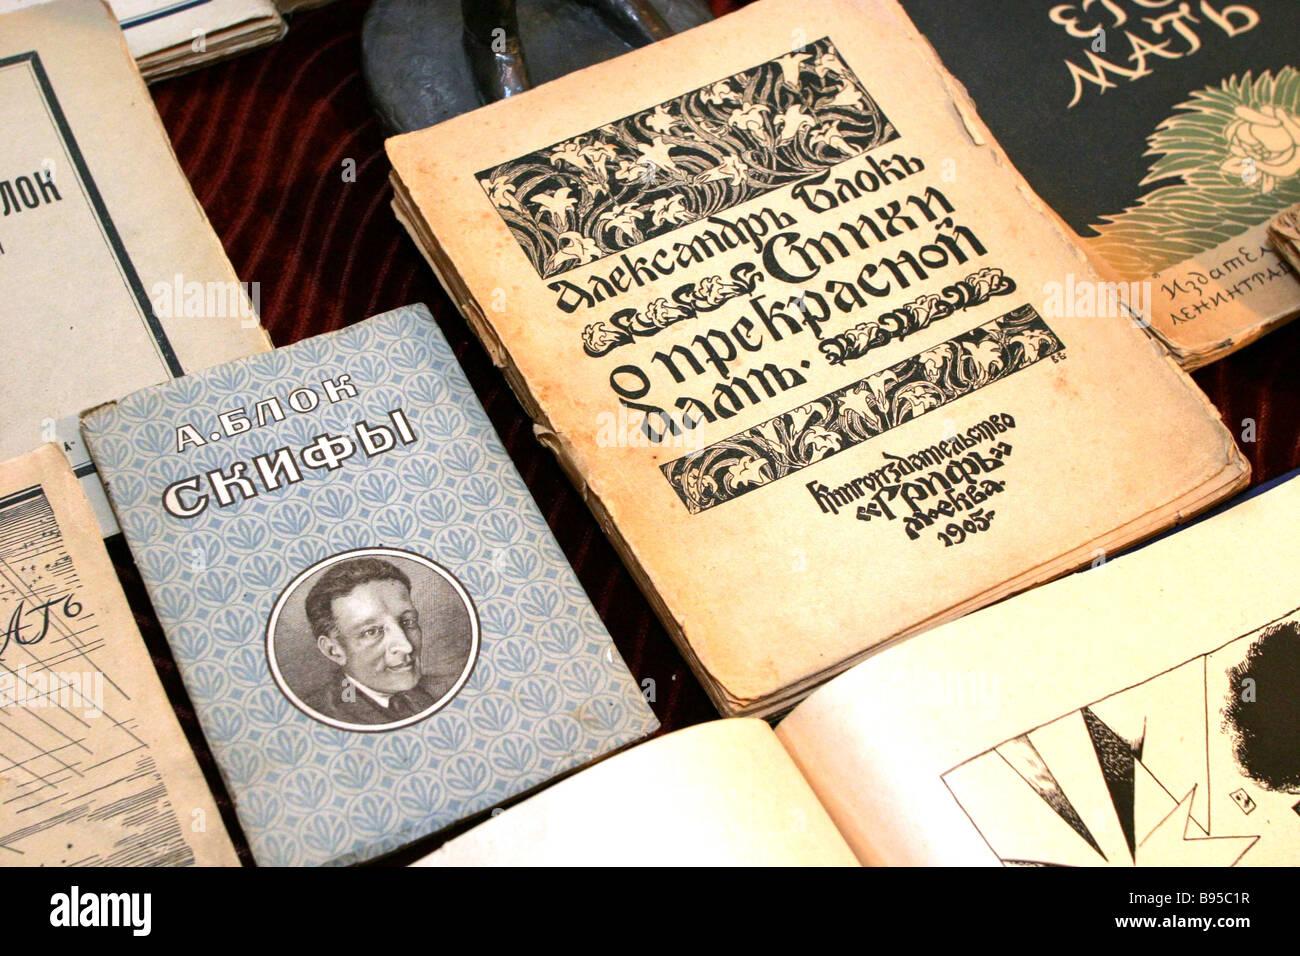 Forma parte de la exclusiva colección de Alexander Blok s vida publicaciones y libros sobre él recogidos Imagen De Stock